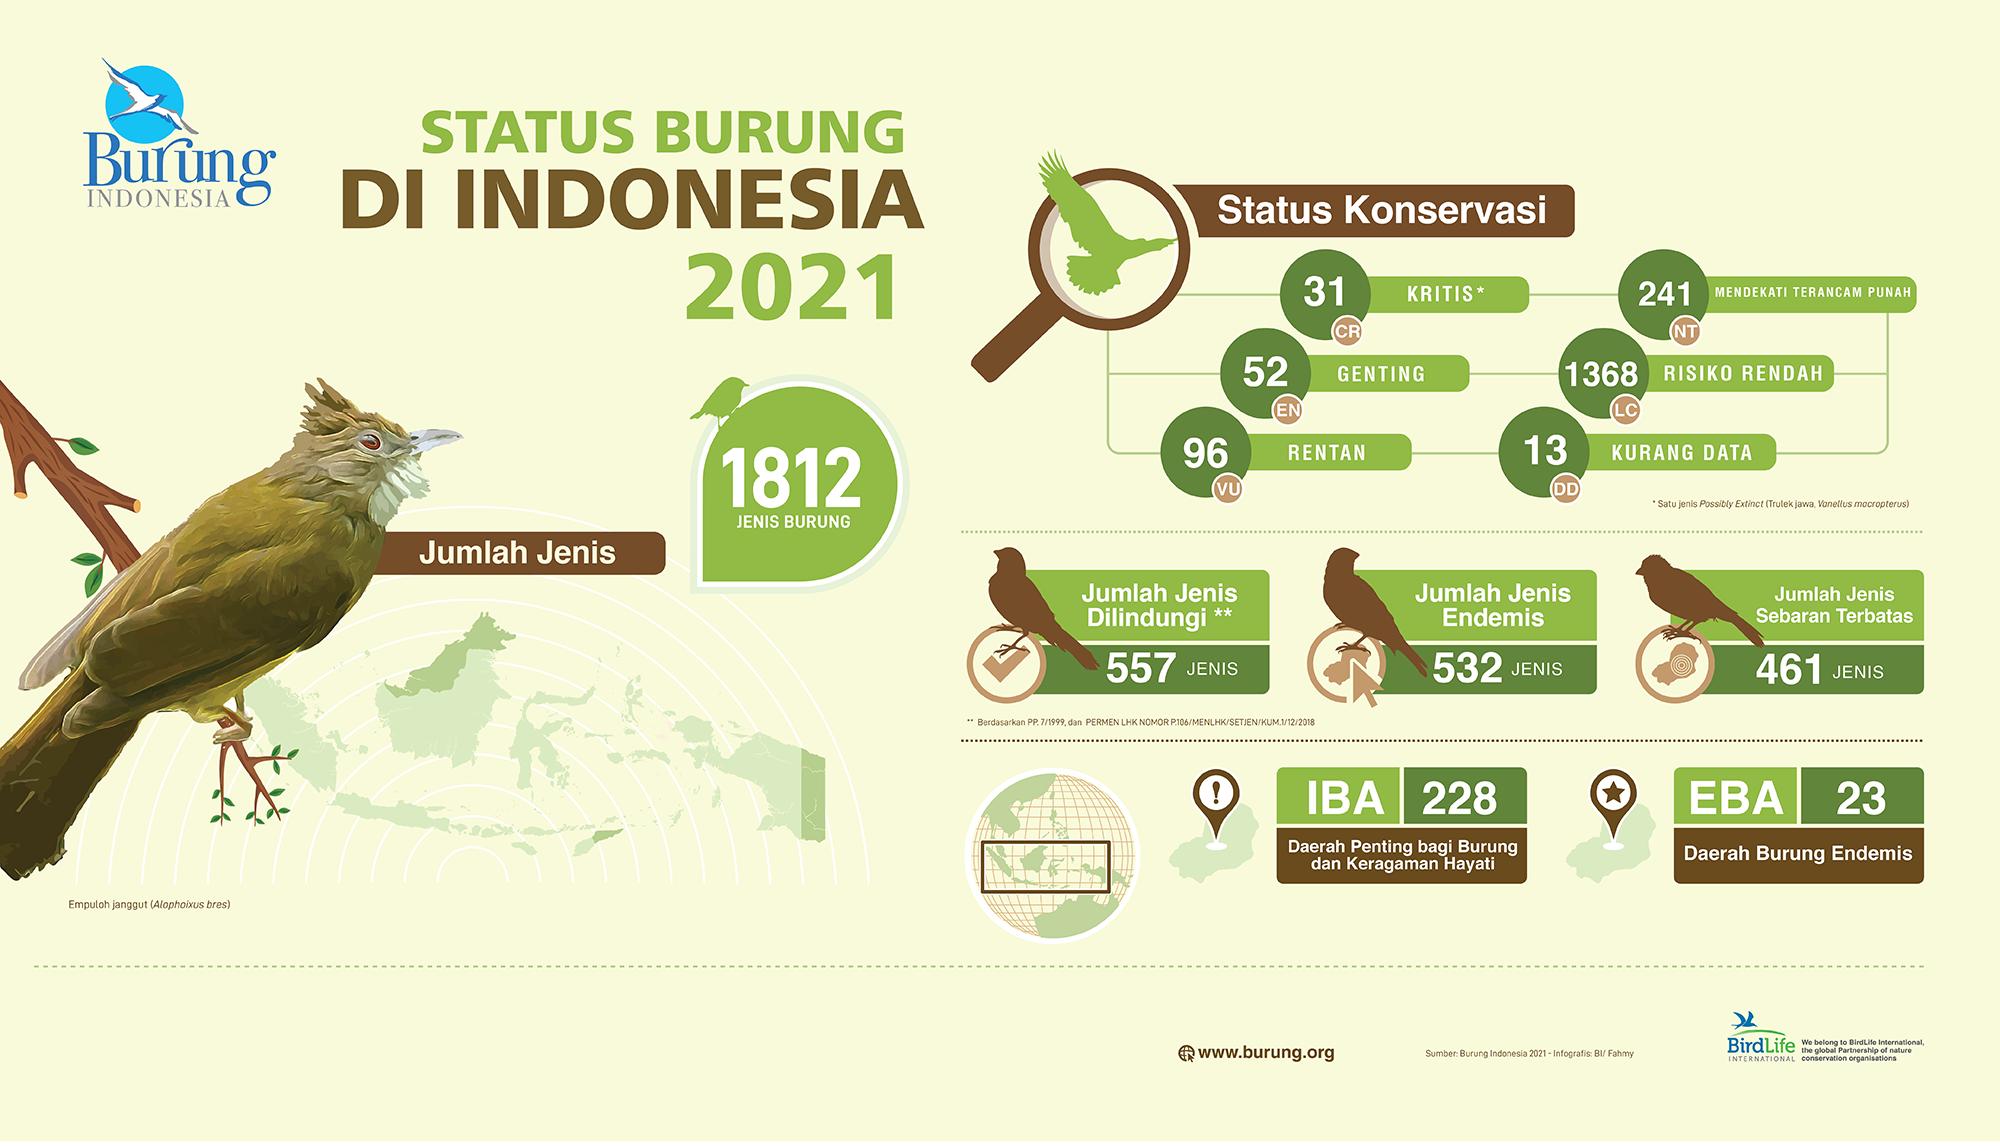 Status Burung di Indonesia Tahun 2021 berdasarkan Burung Indonesia